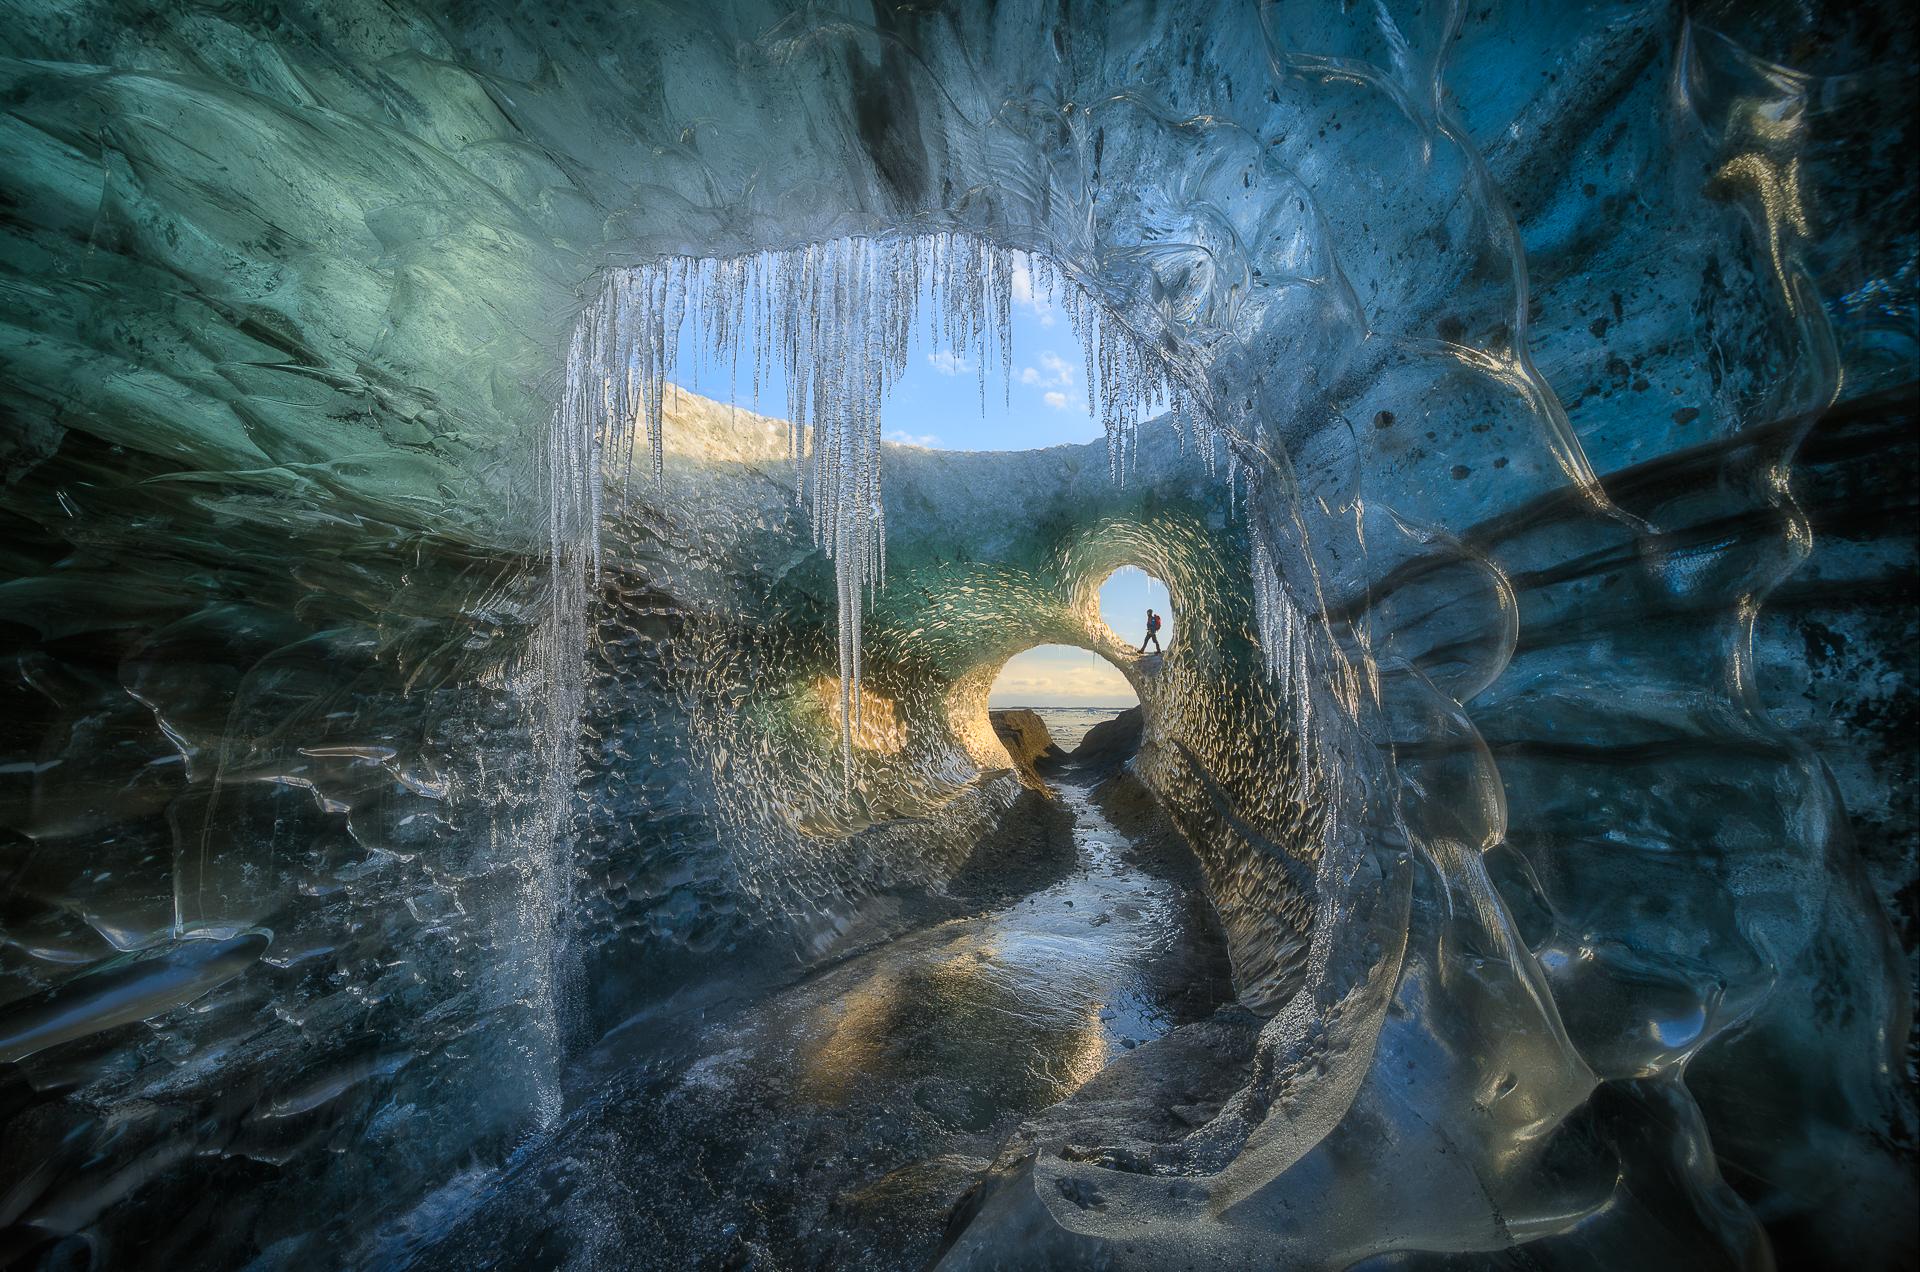 11 Day Northern Lights Photo Workshop around Iceland - day 4